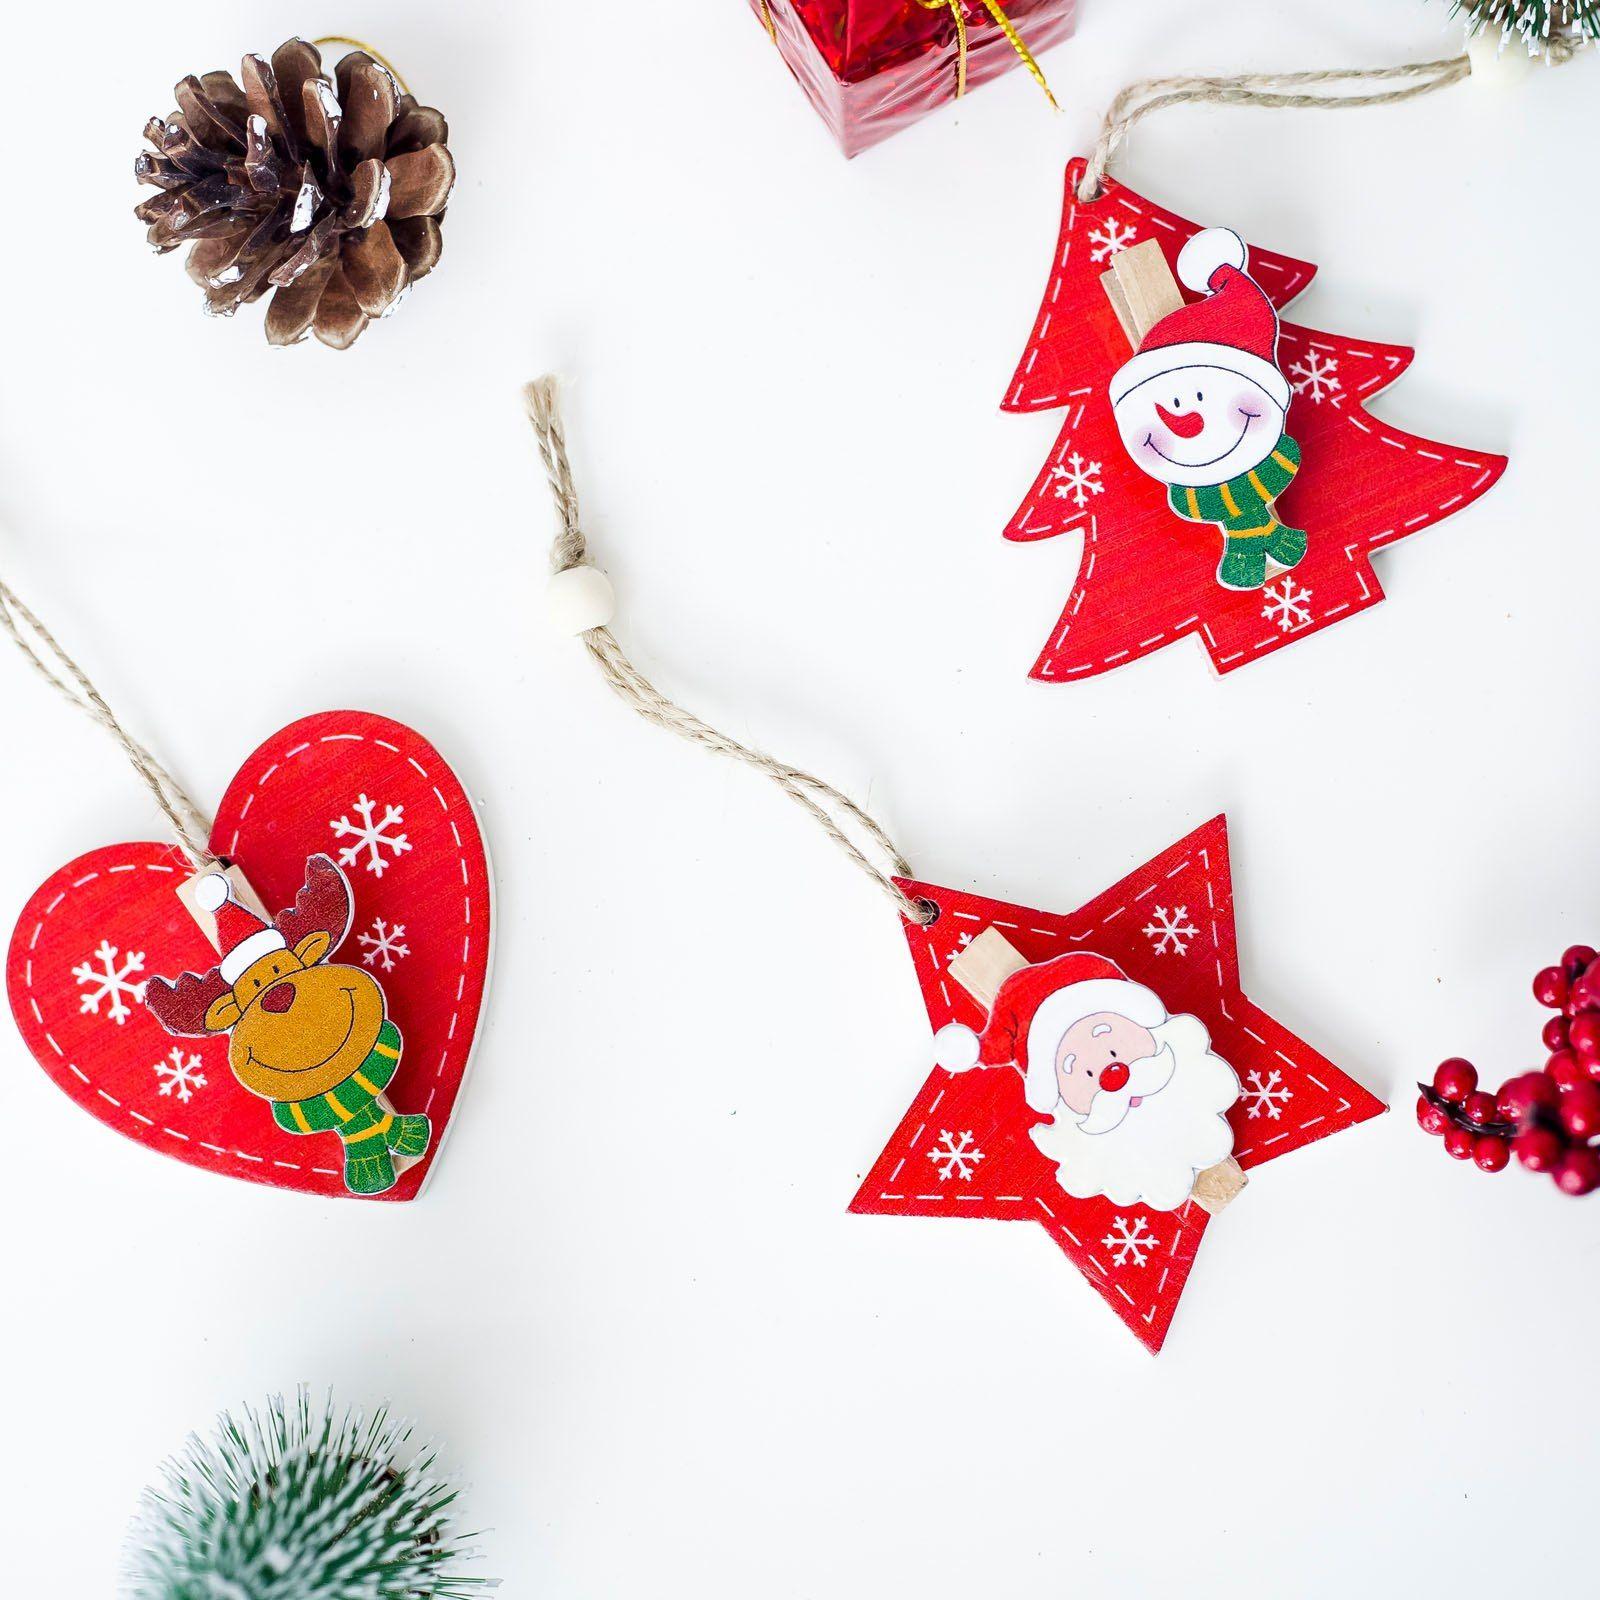 Kinder Geschenke Weihnachten 2019.Günstige 2019 Neue Jahr Holz Weihnachten Baum Ornamente Anhänger